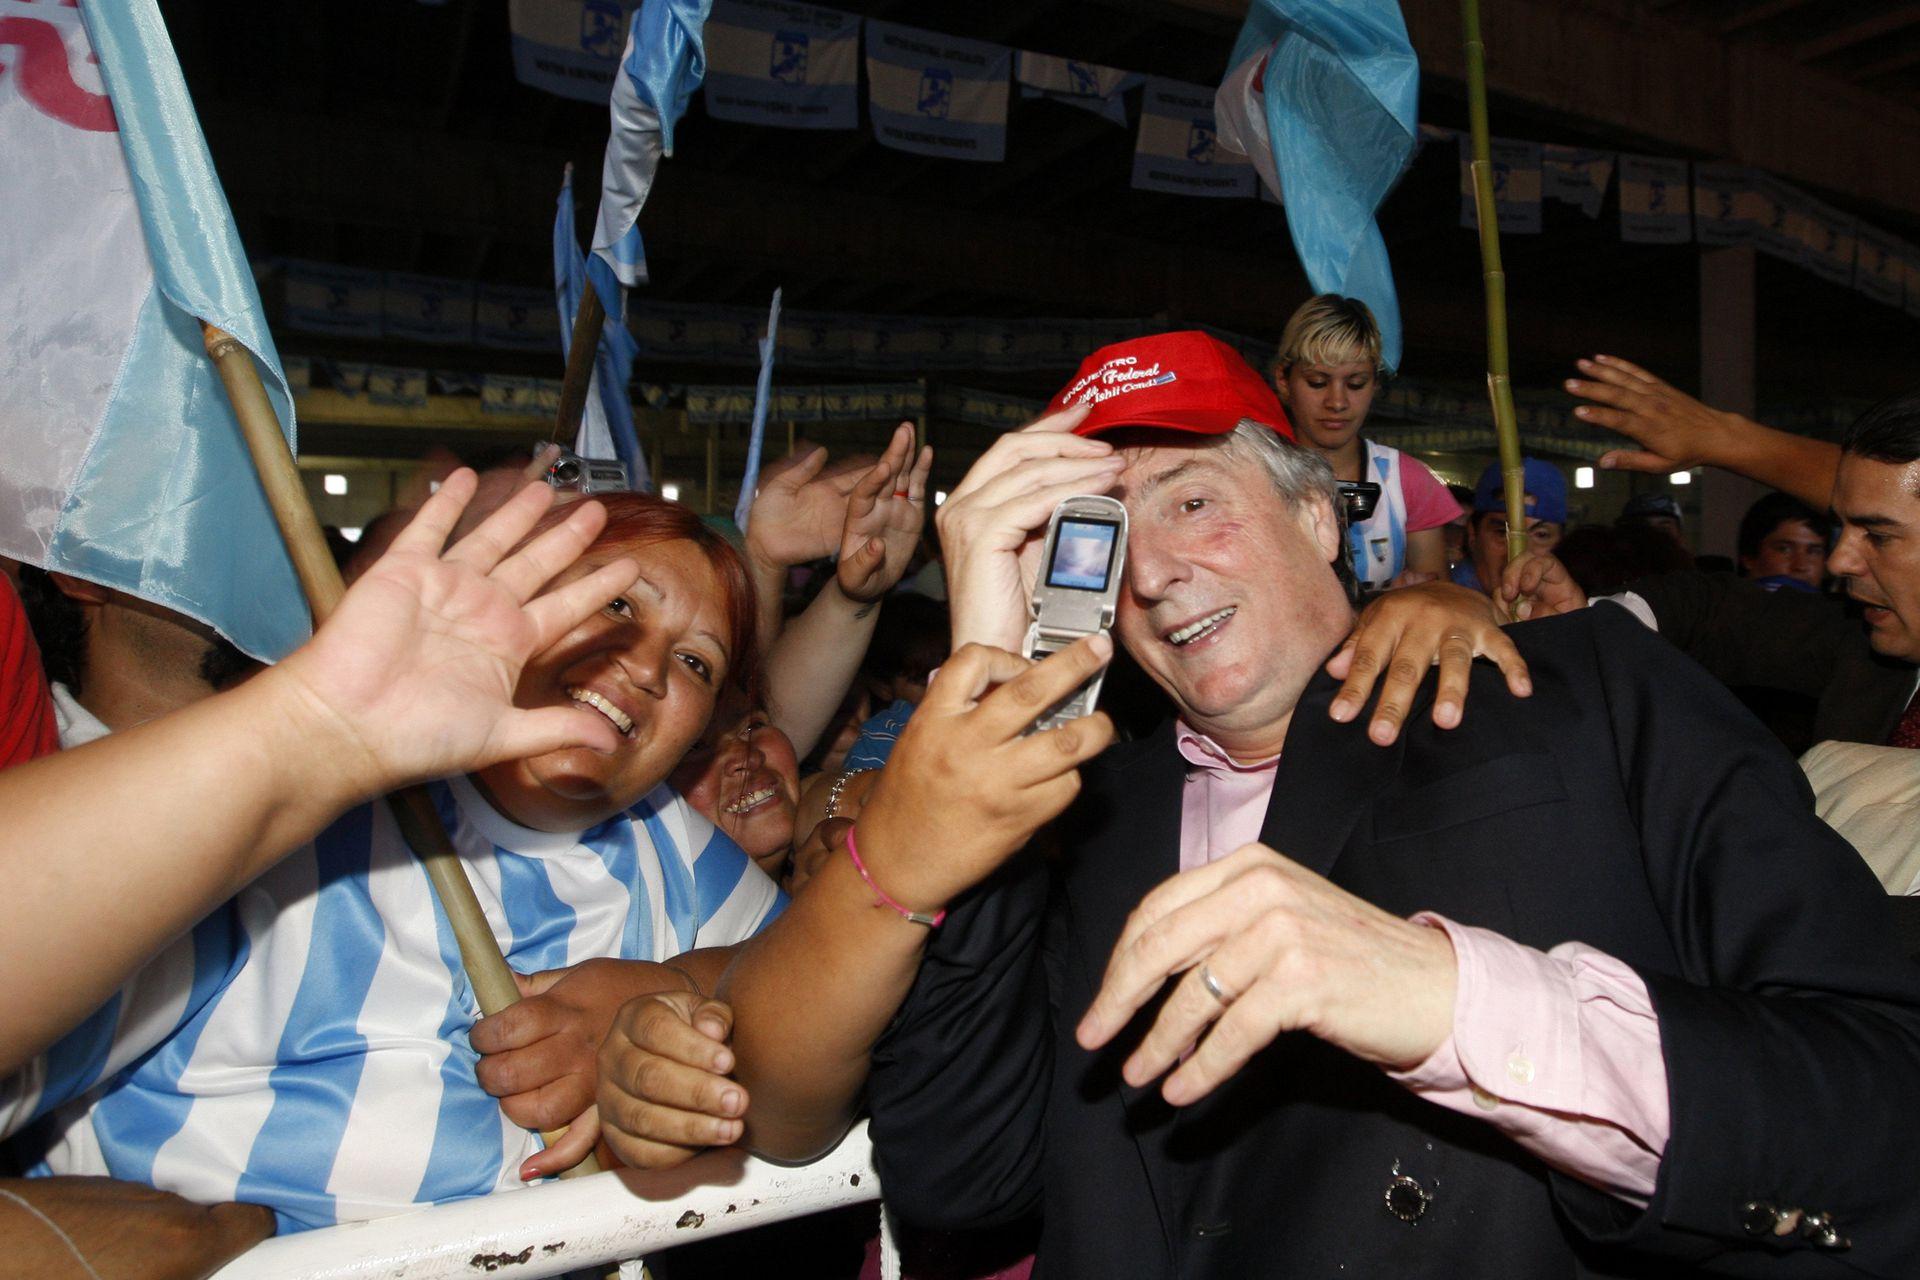 Acto por el Día del Militante Peronista, en el Mercado Concentrador de Jose C. Paz; lo encabezan el Intendente Mario Ishi, Daniel Scioli, gobernador de Buenos Aires, y Néstor Kirchner el 17 de noviembre de 2009